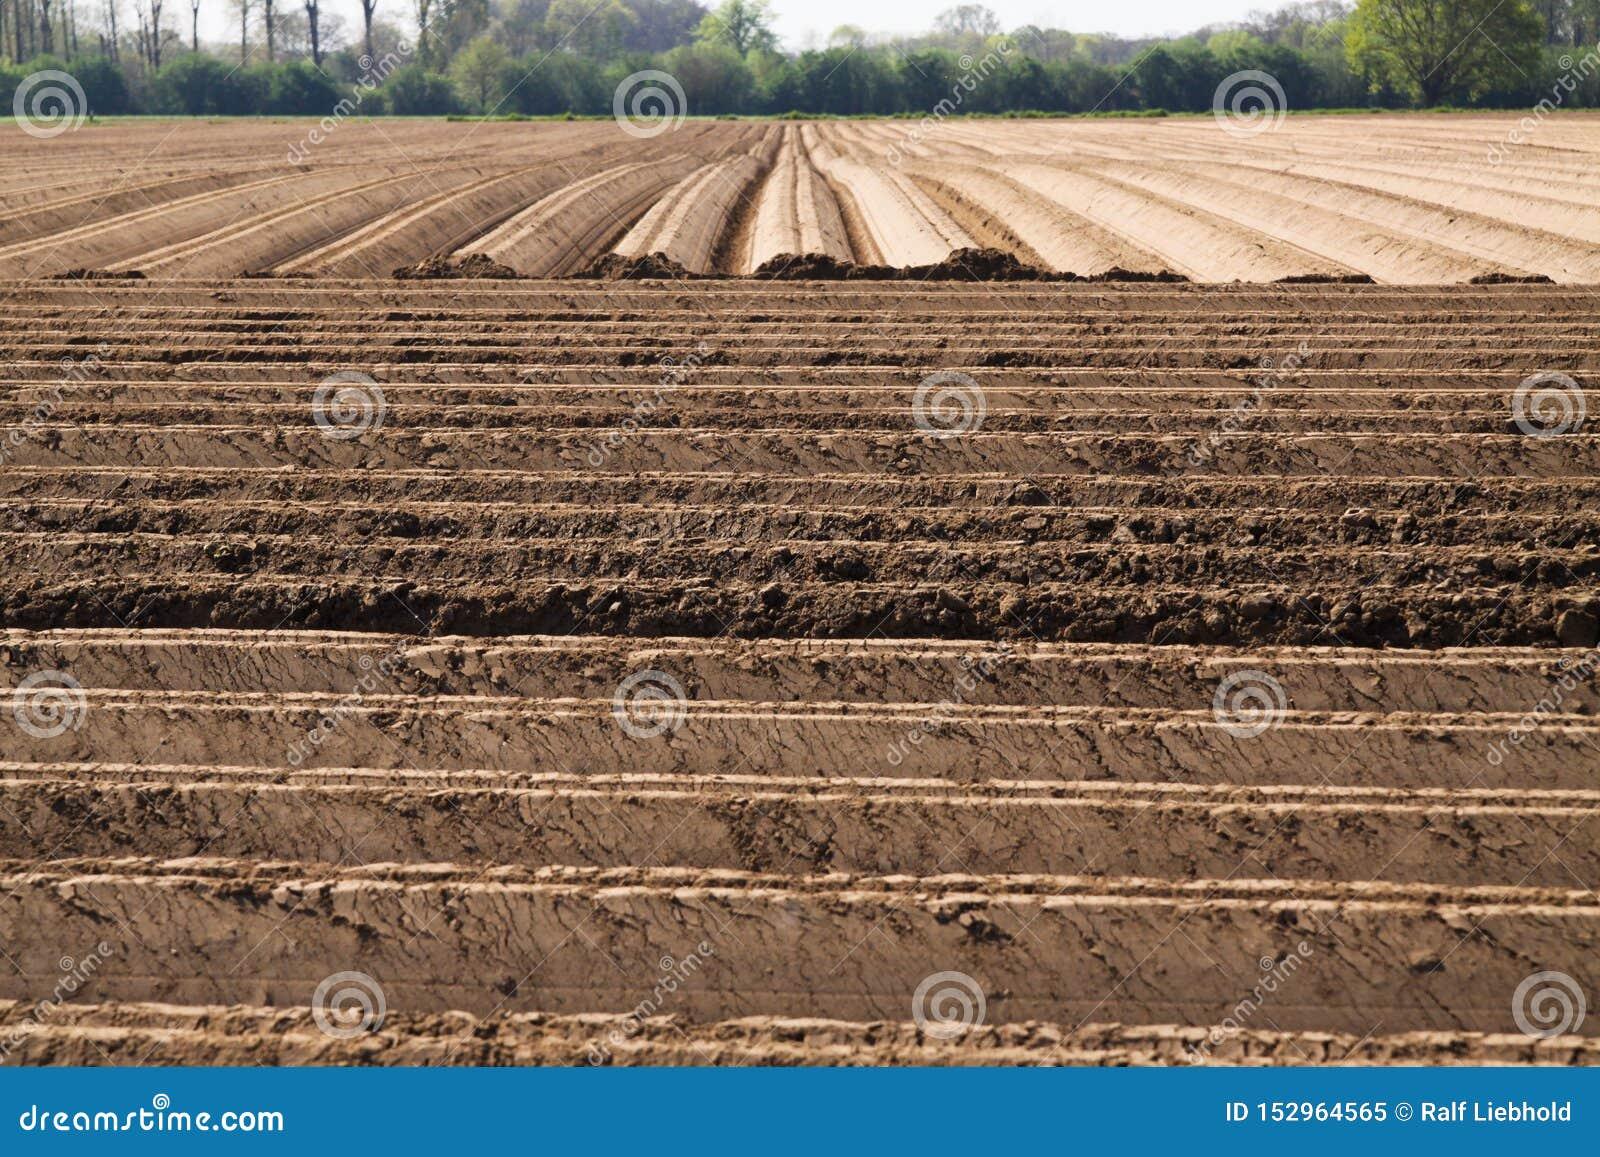 Sikt på plogad brukad cropland med symmetriska vertikala och horisontalfåror i Nederländerna nära Roermond